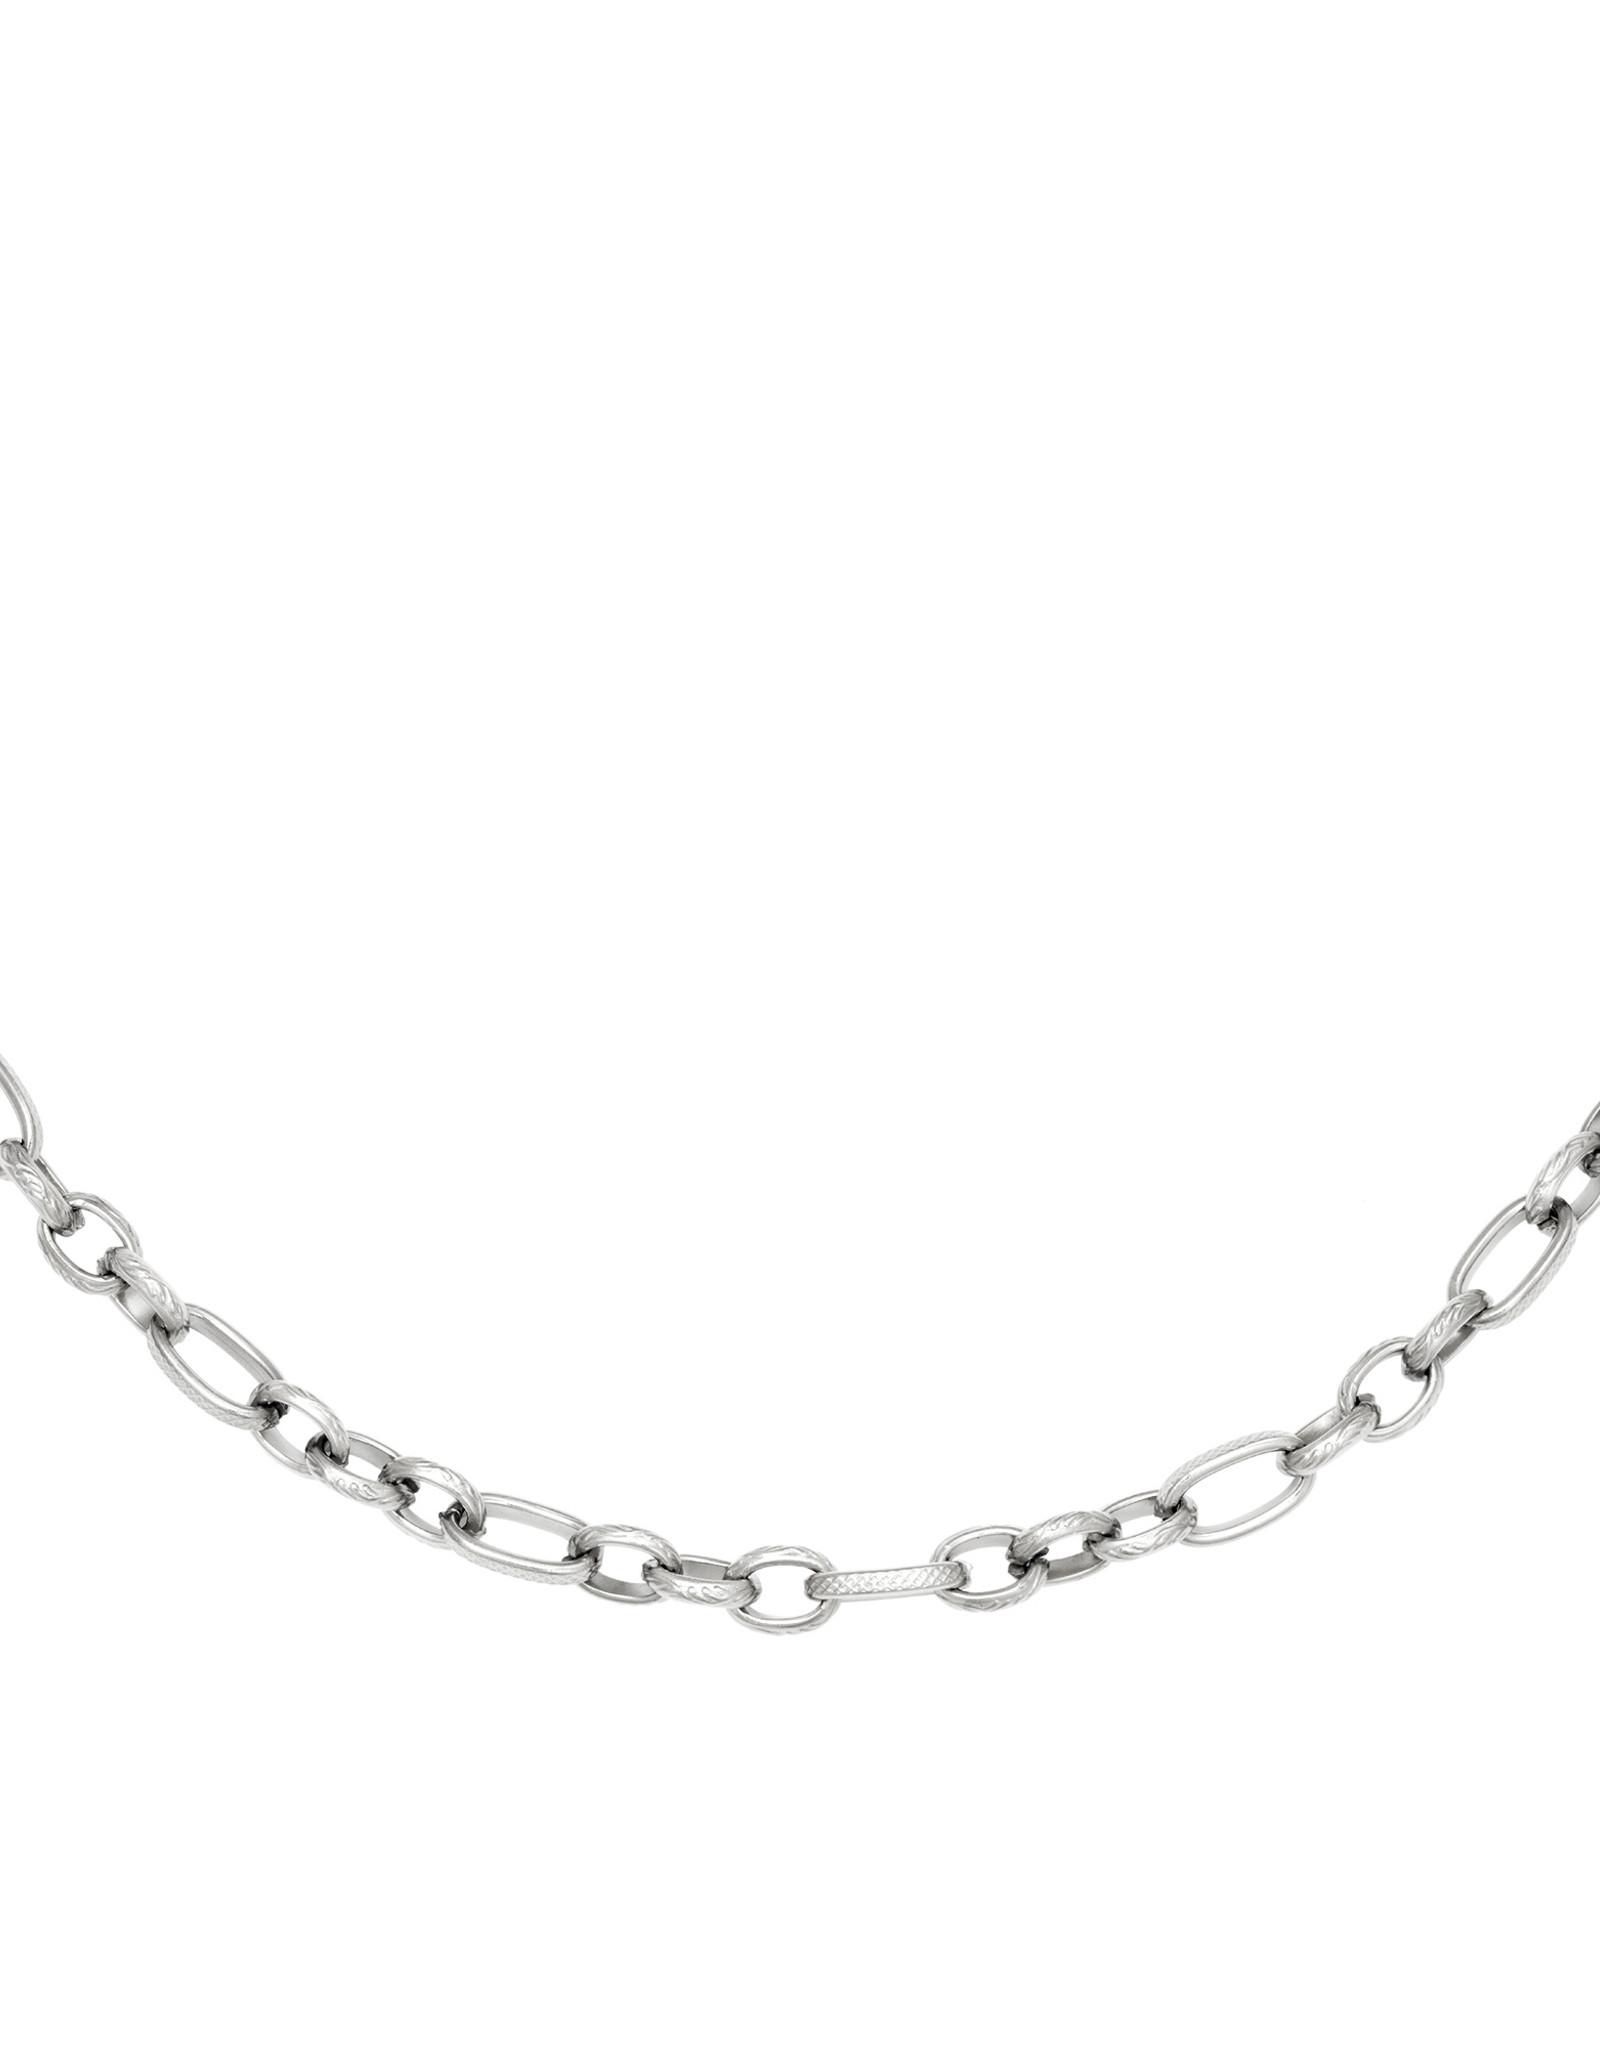 Necklace Interlink Silver